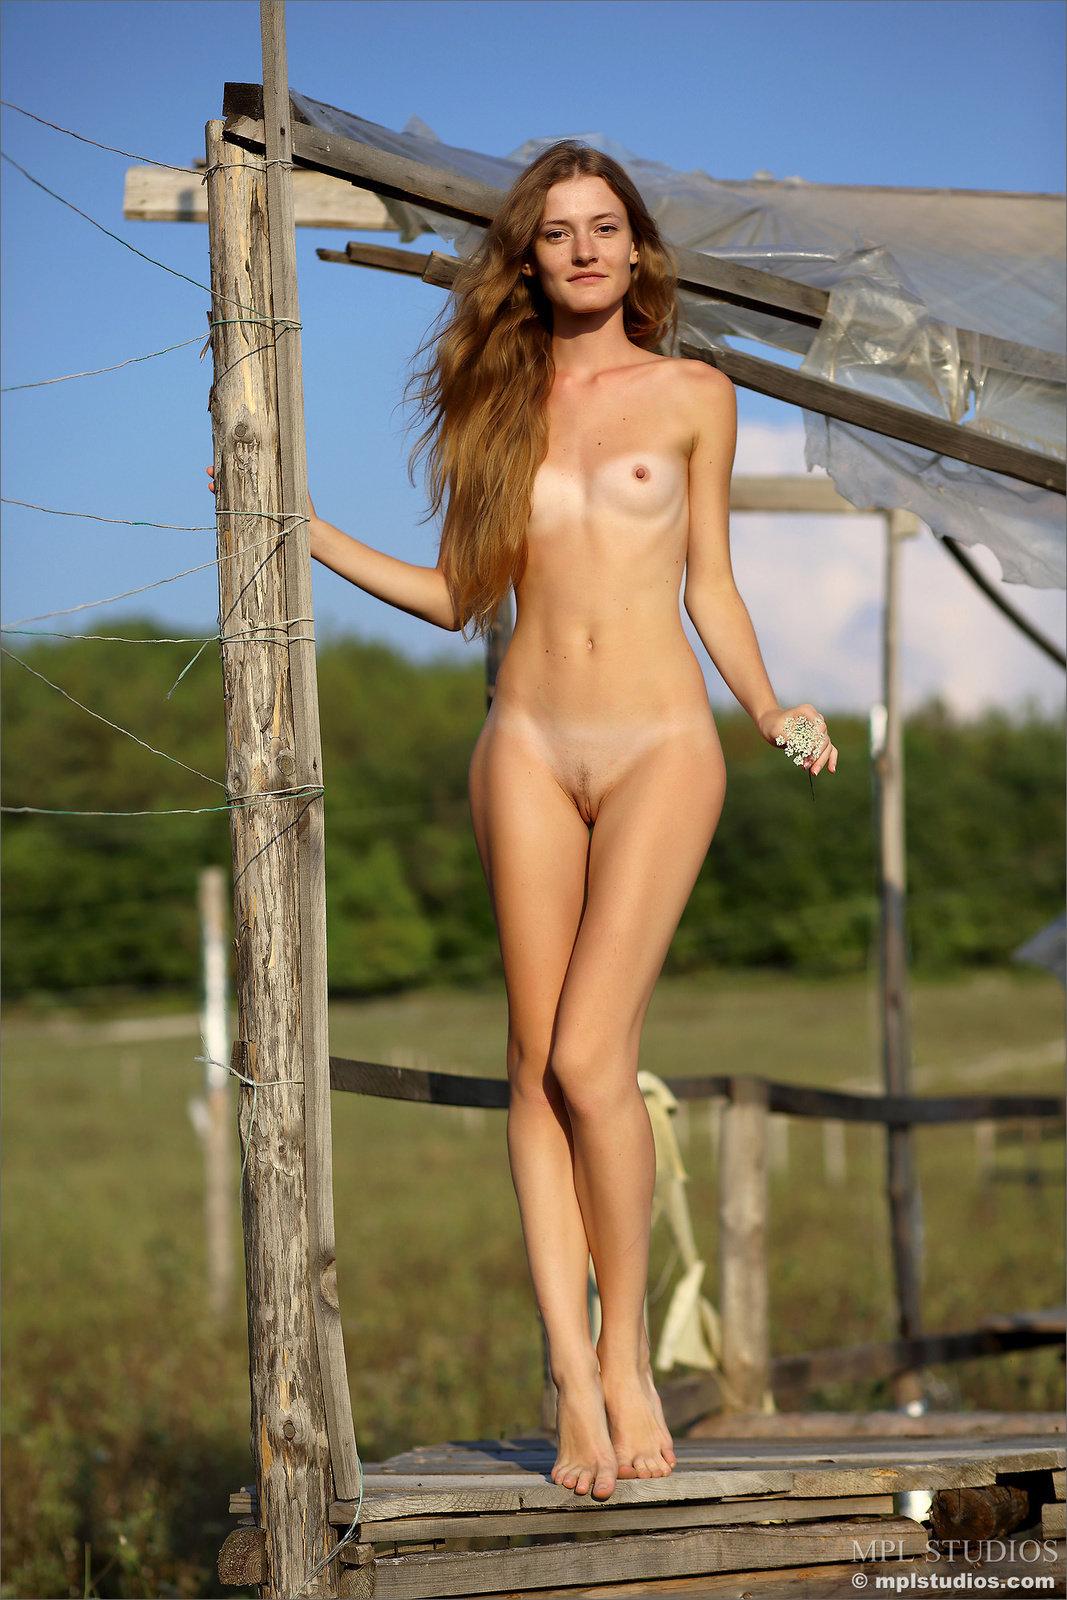 Claudia In Organic By Mpl Studios 16 Photos  Erotic Beauties-7413